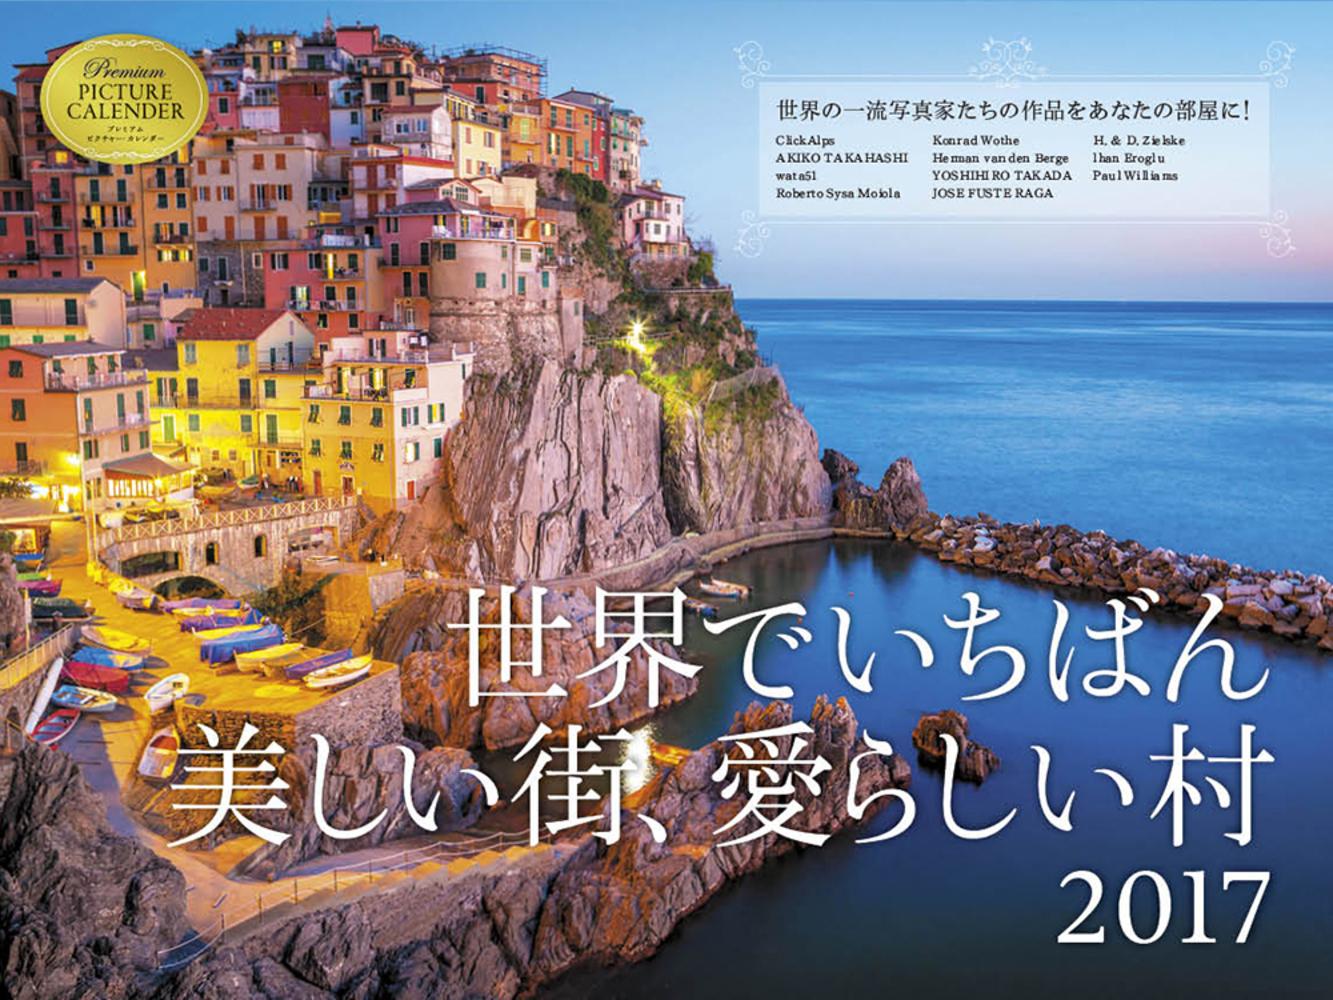 2017 世界でいちばん美しい街、愛らしい村 カレンダー